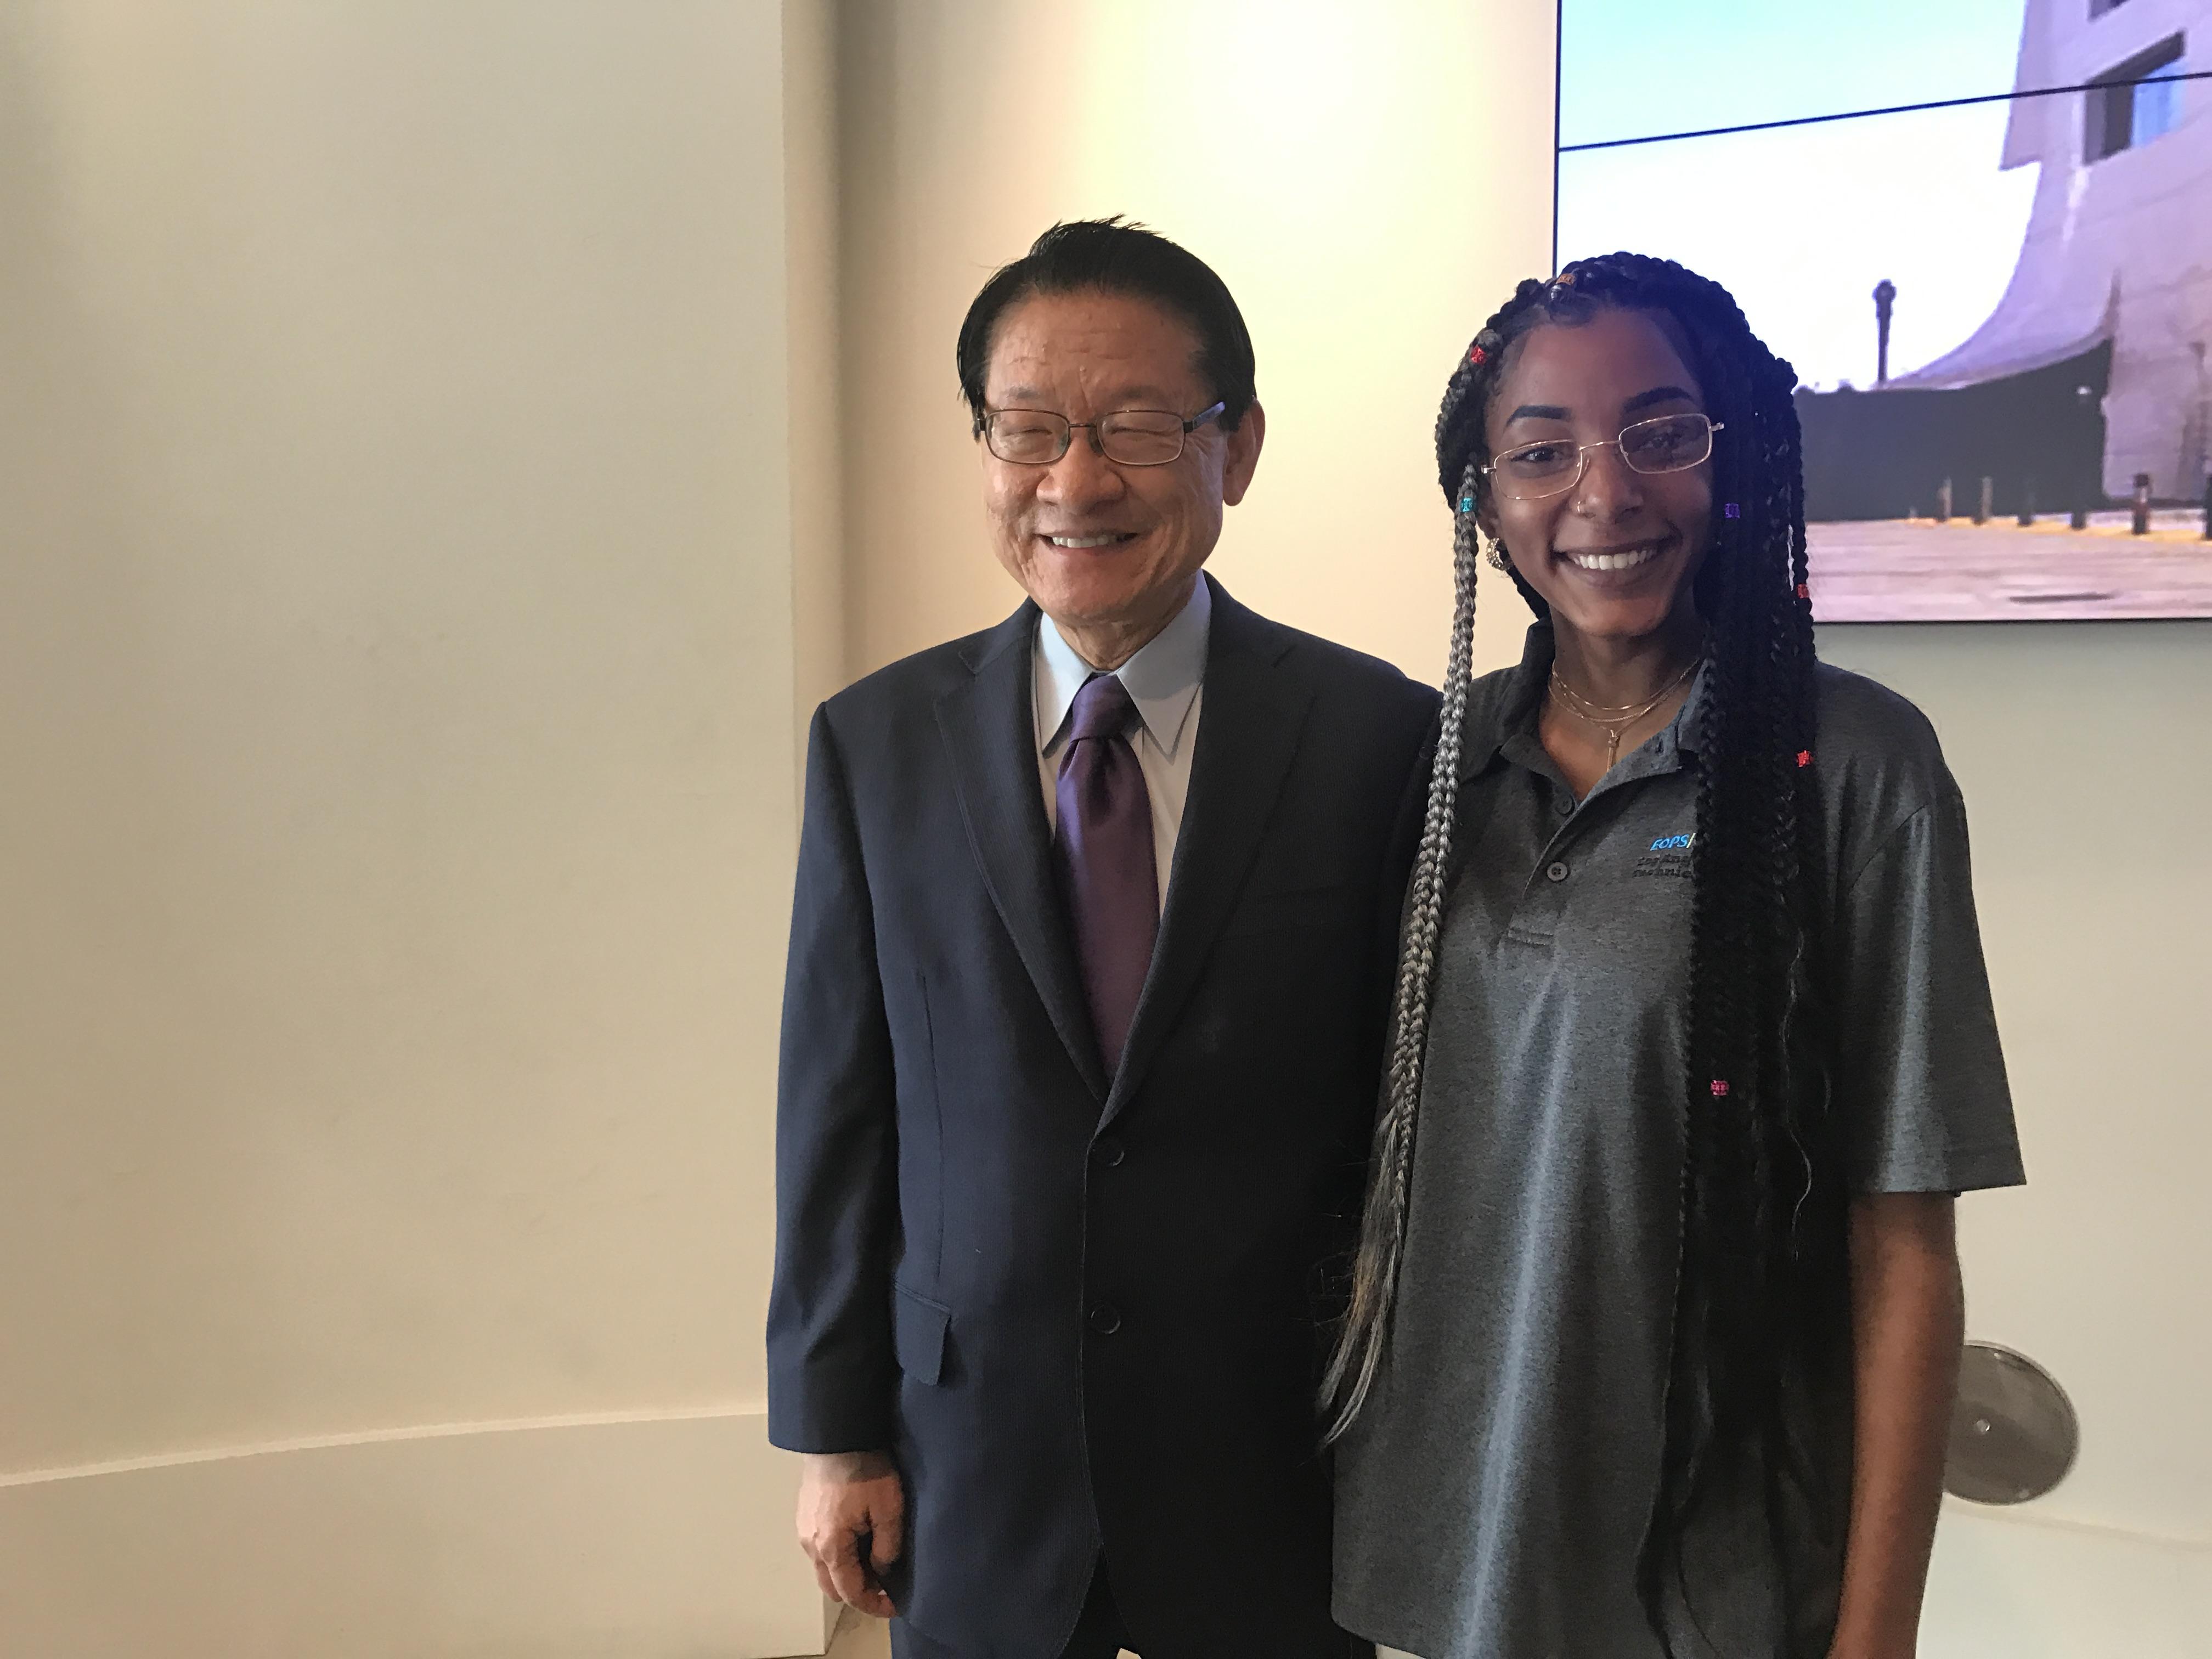 伍國慶(左)和洛杉磯市合區學院遊民學生代表Myriah Smiley(右)。記者李博爾攝